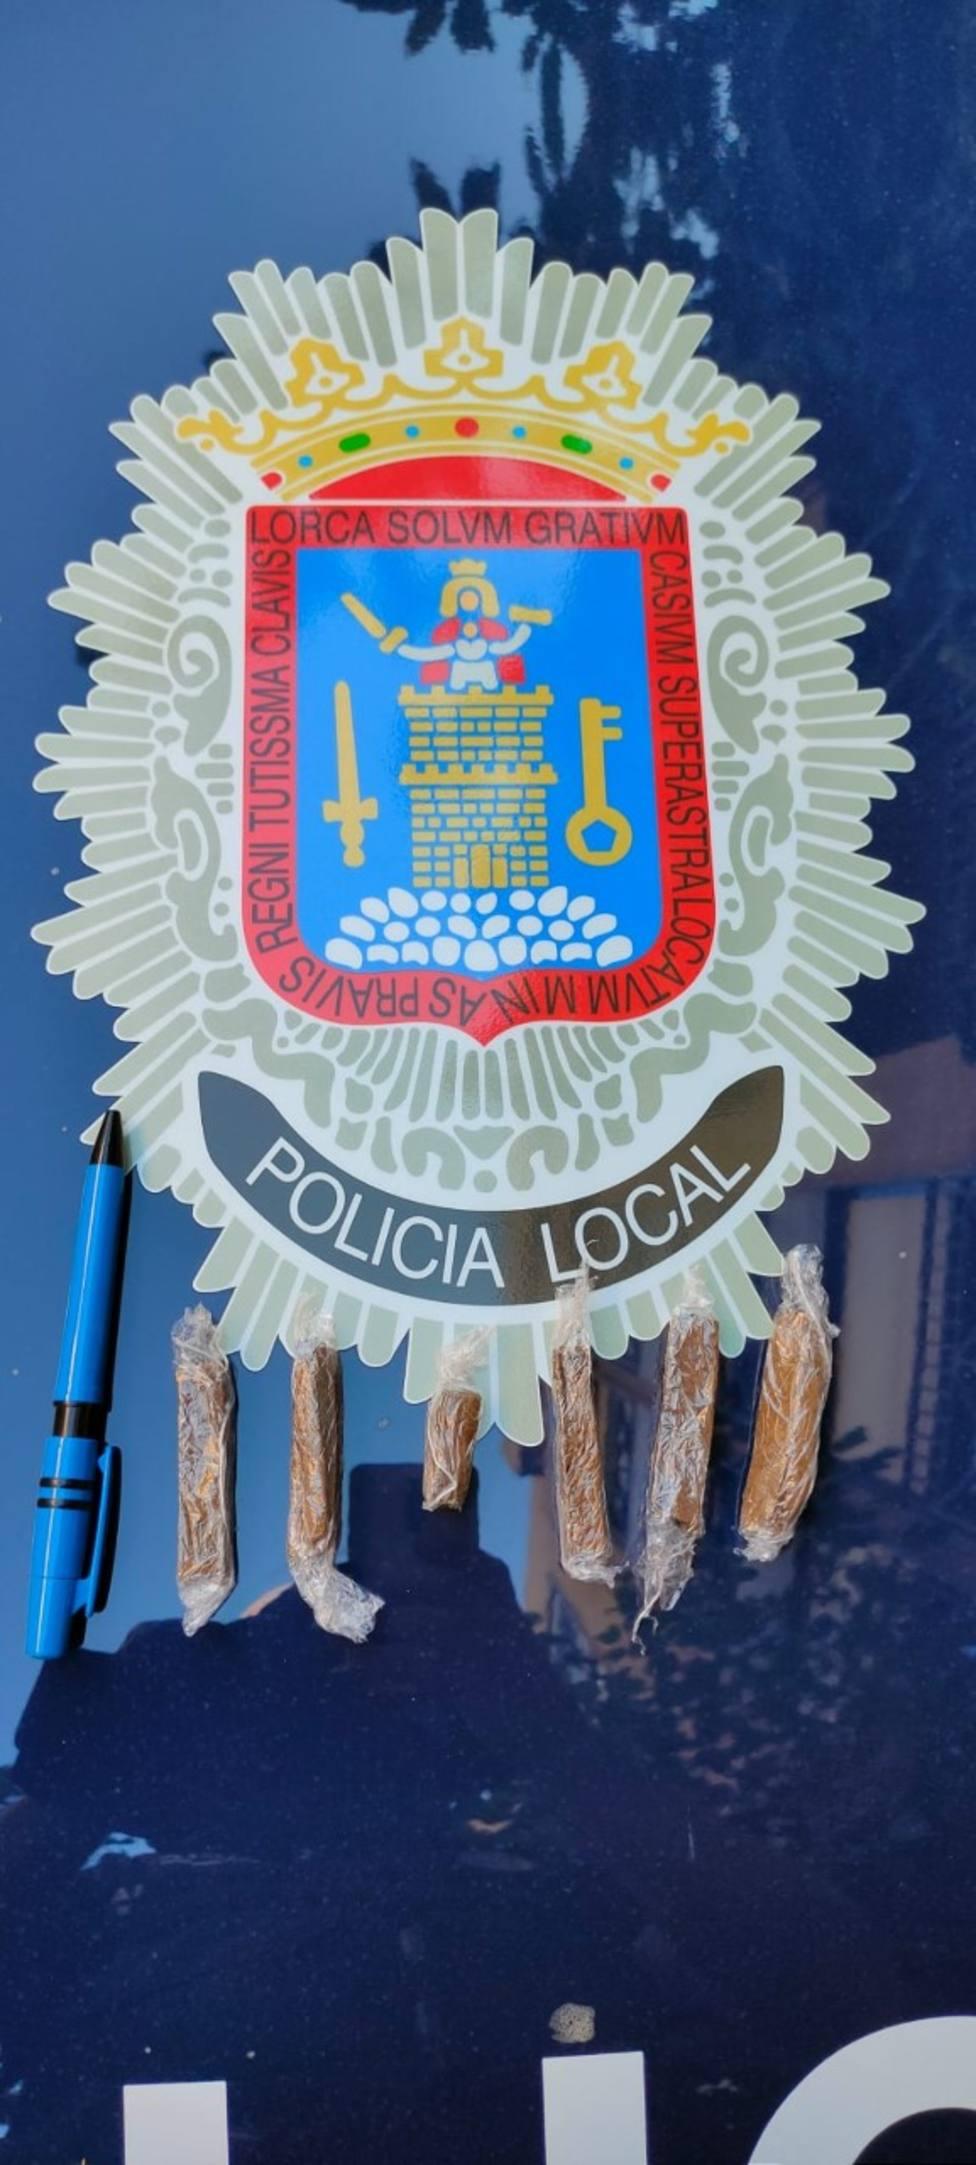 Detenido un individuo al ser sorprendido traficando con hachís en una cafetería de Lorca